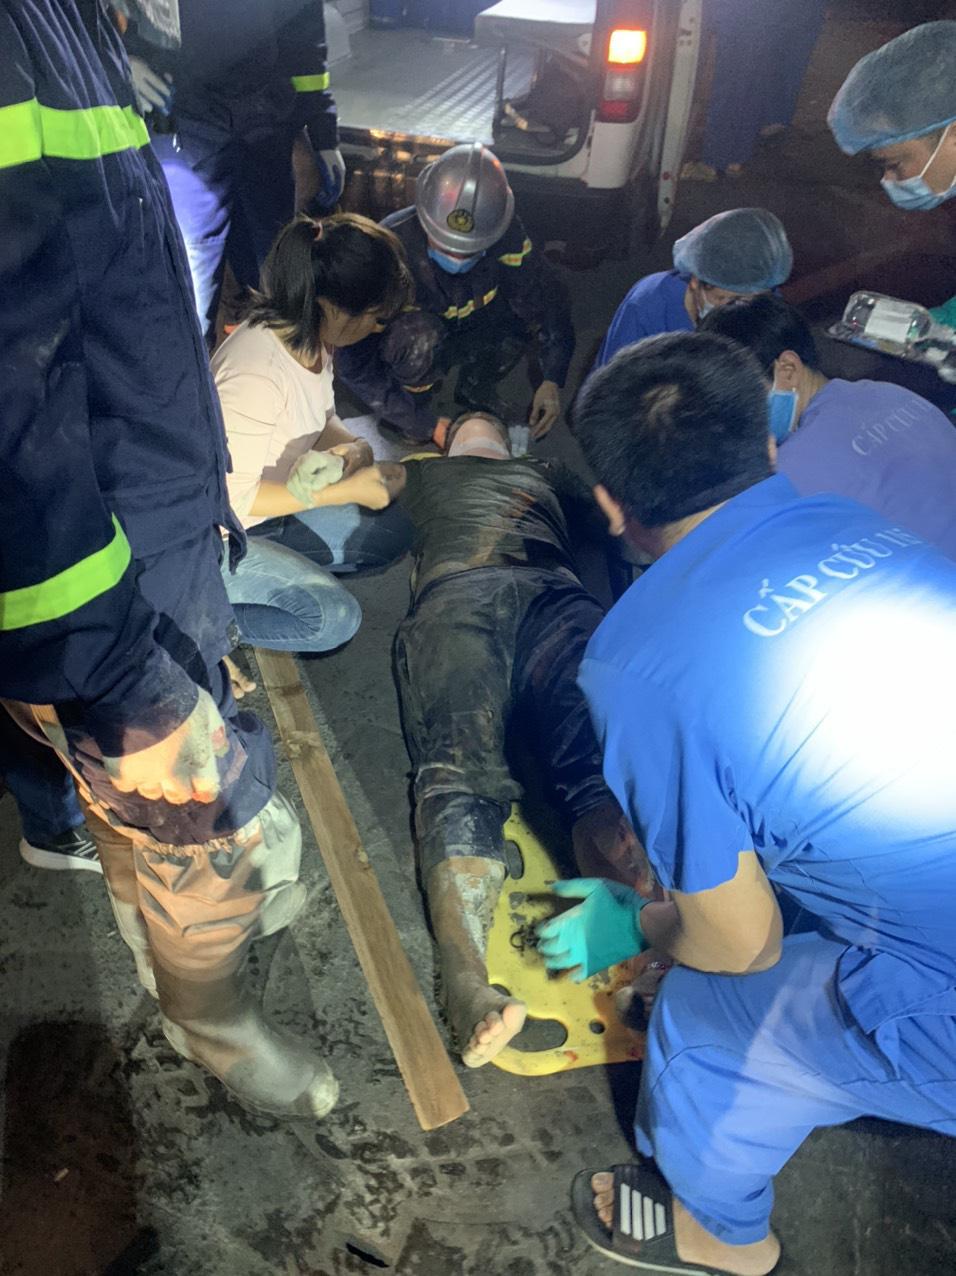 Sập giàn giáo trong đêm, hàng chục cảnh sát giải cứu người đàn ông mắc kẹt trong đống đổ nát  - Ảnh 4.